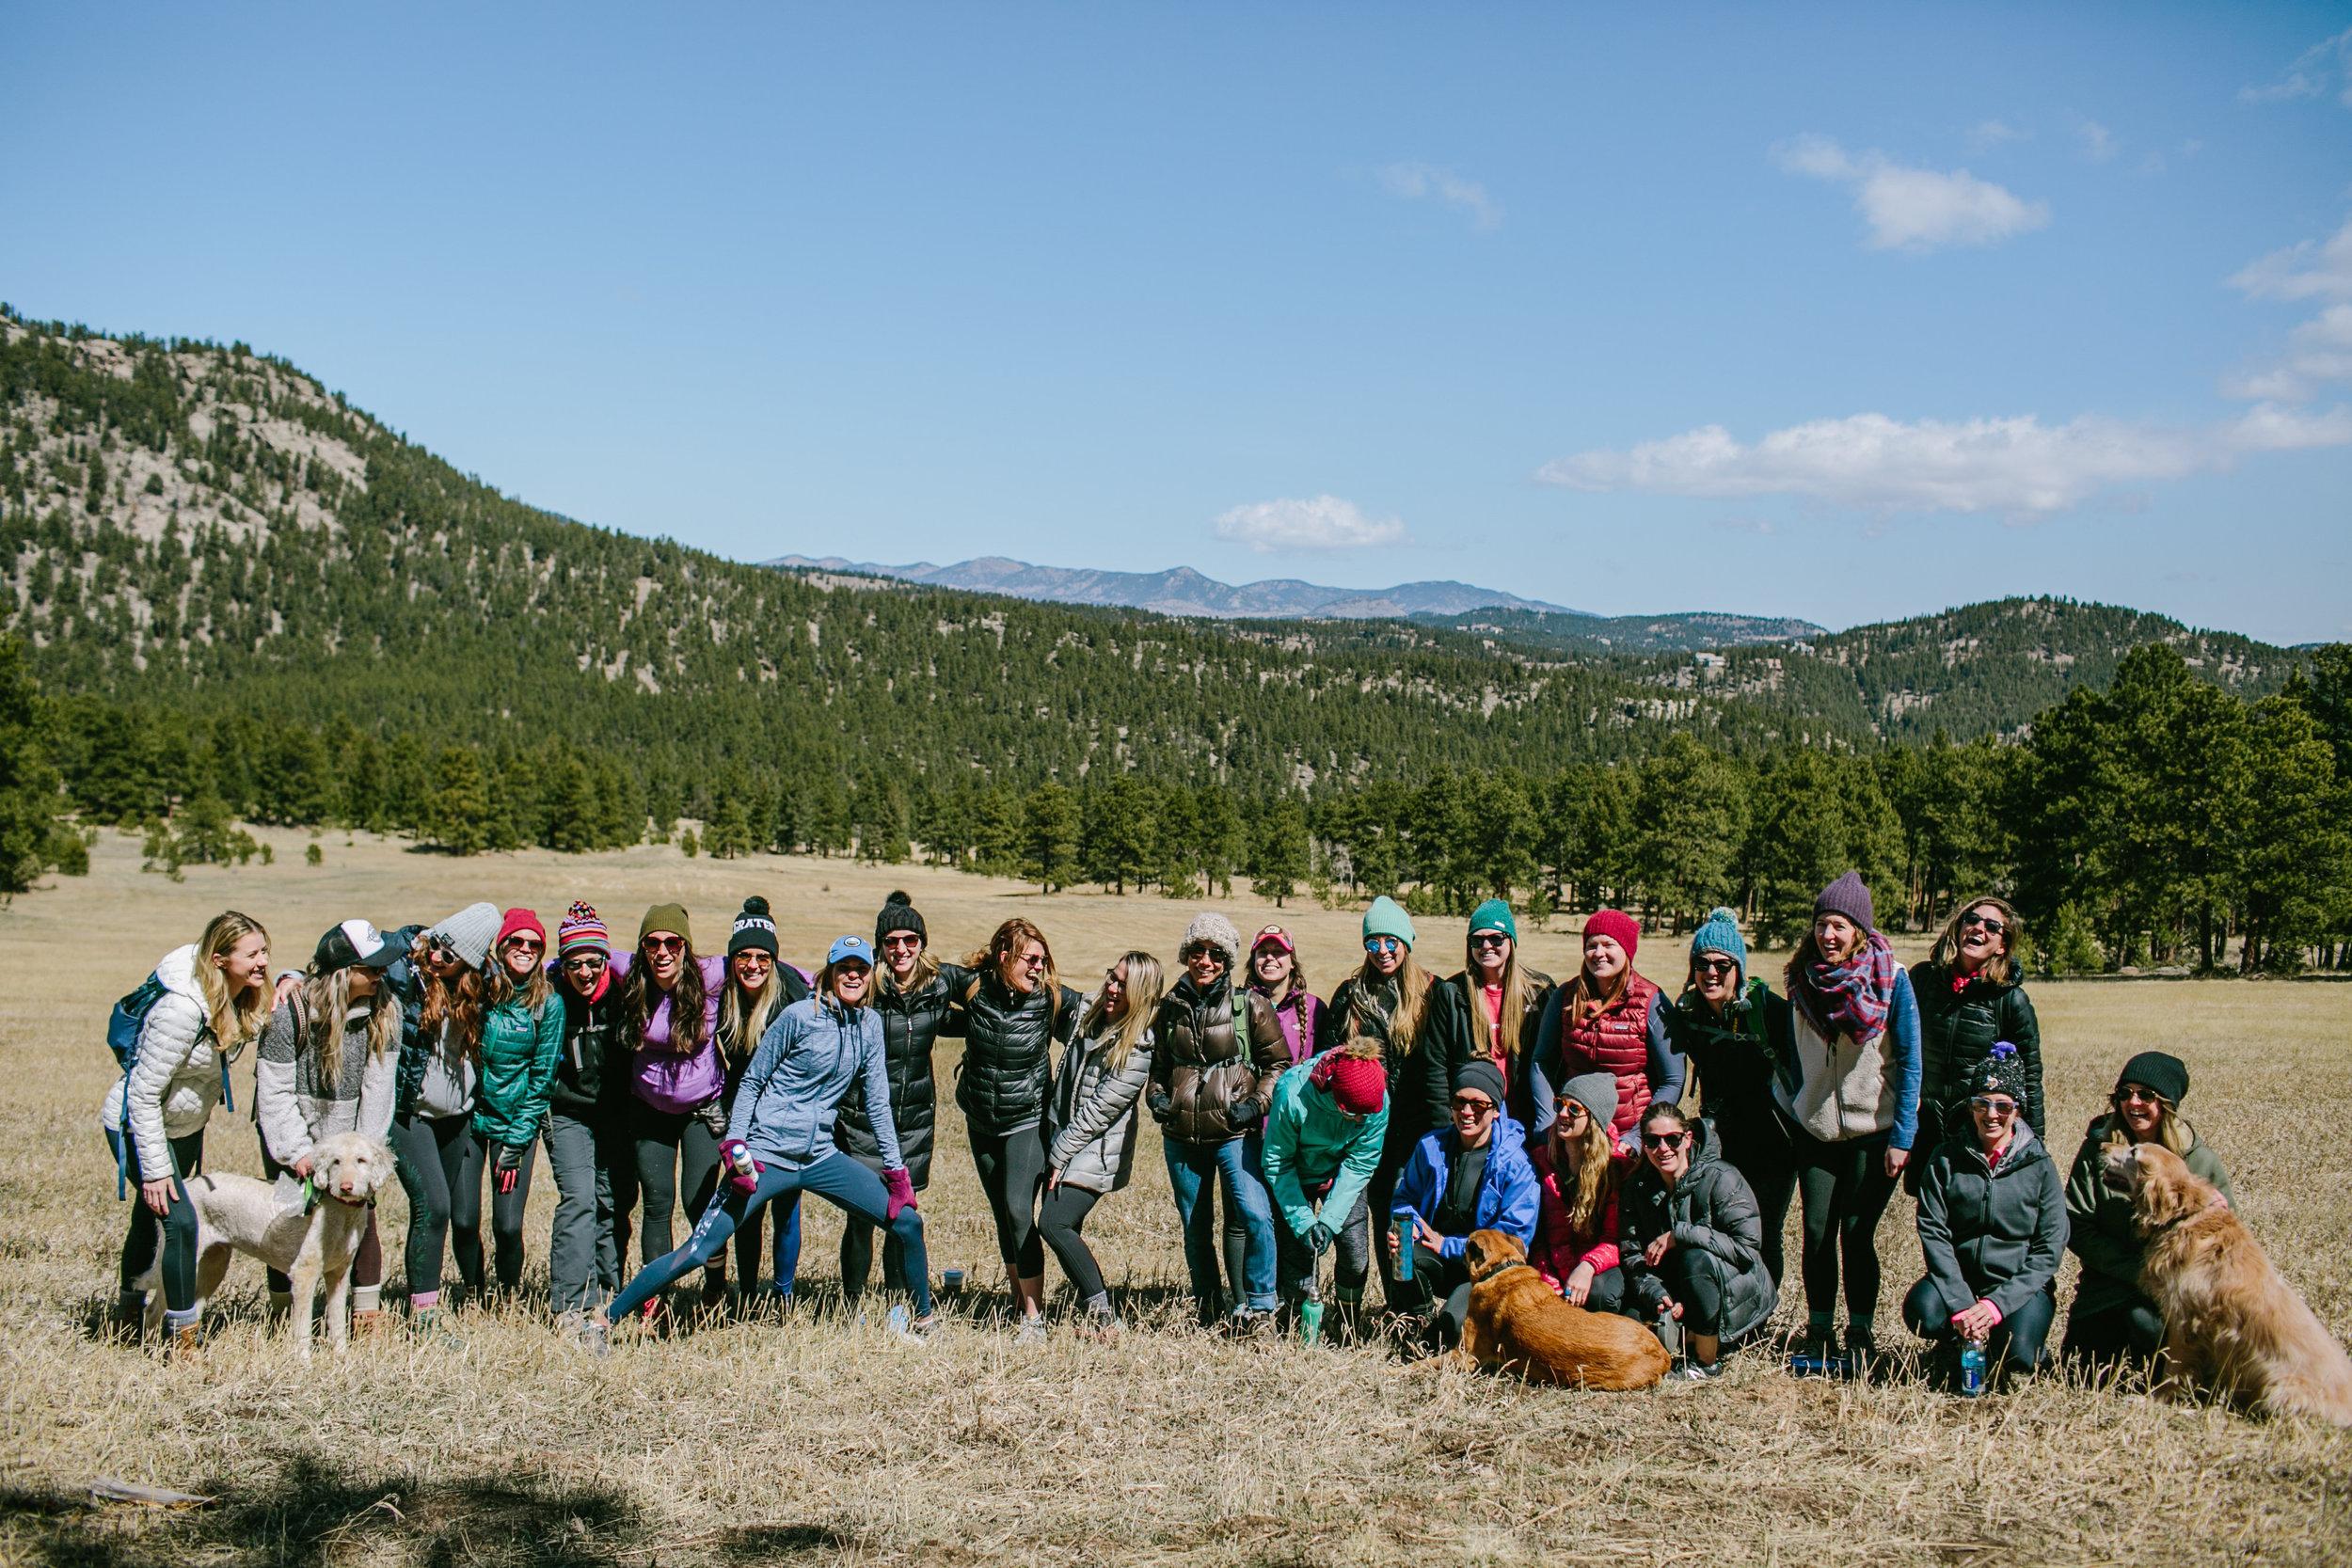 Goals Hike April Evergreen-Jacki hike evergreen-0052.jpg